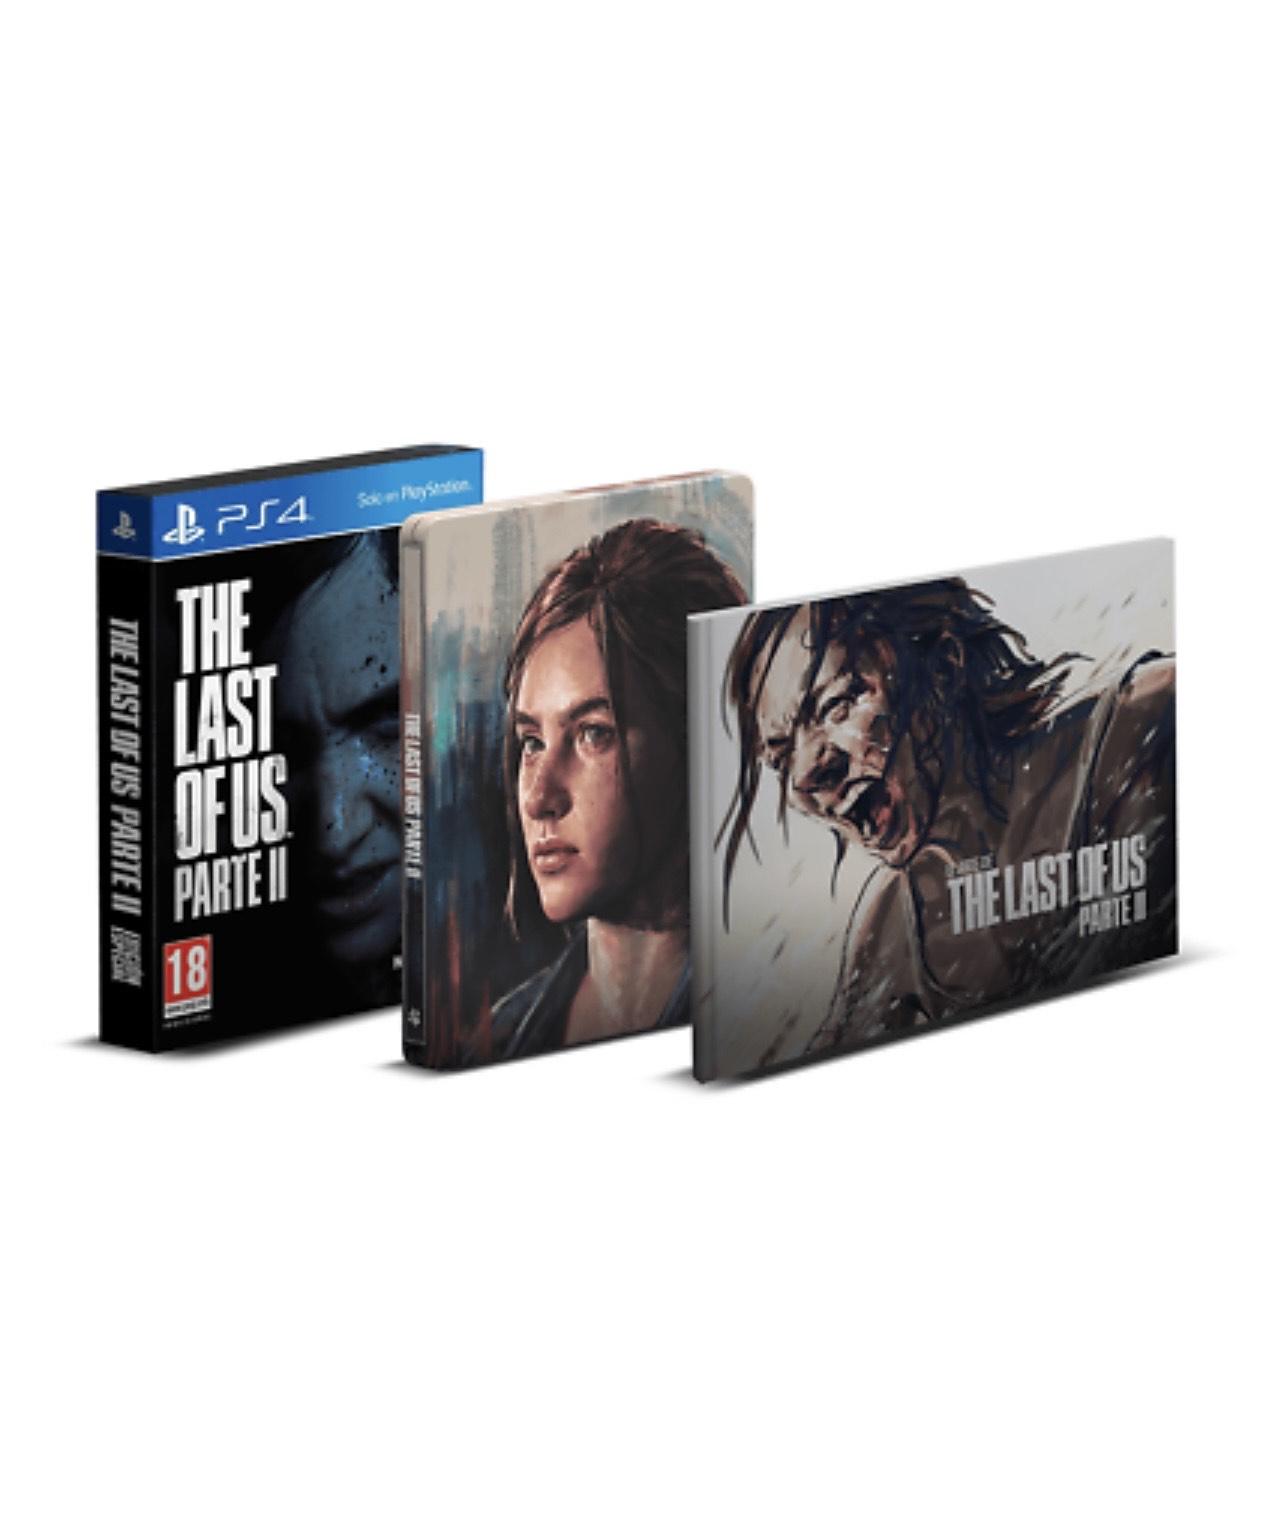 The Last of us Parte II, Edición especial